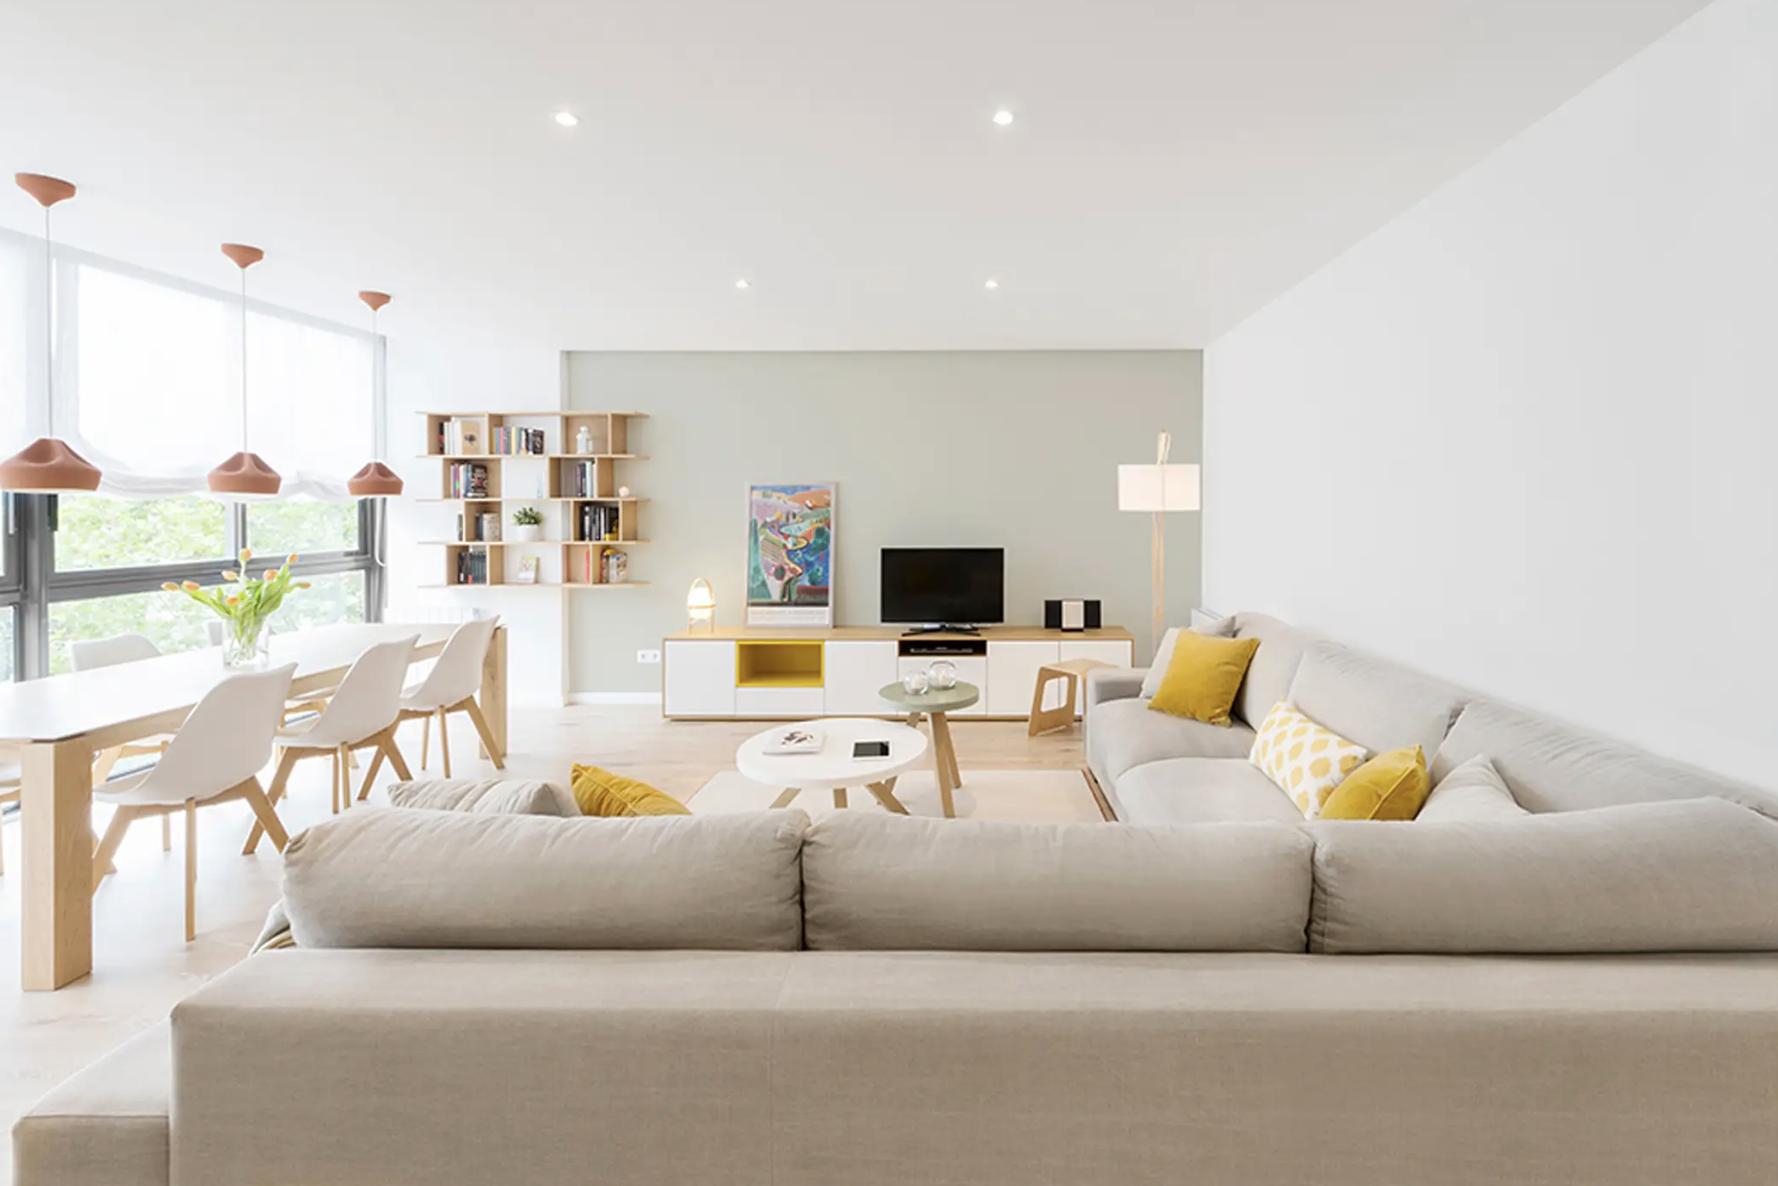 5 Formas de ubicar los muebles en el living y ganar un montón de espacio